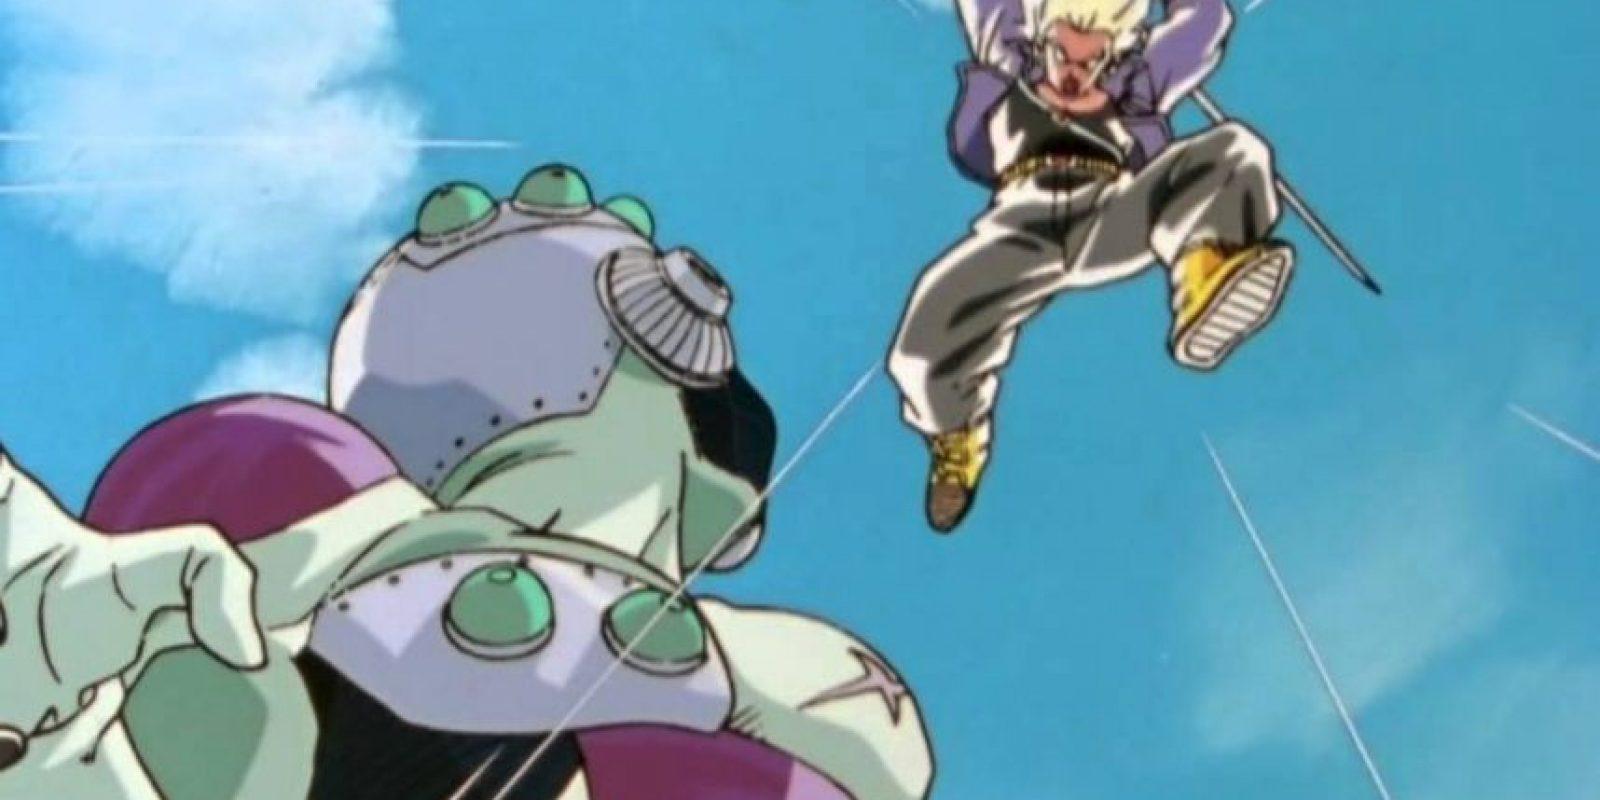 Cuando Freezer trata de reconquistar la Tierra, lo derrota fácilmente. Foto:Toei